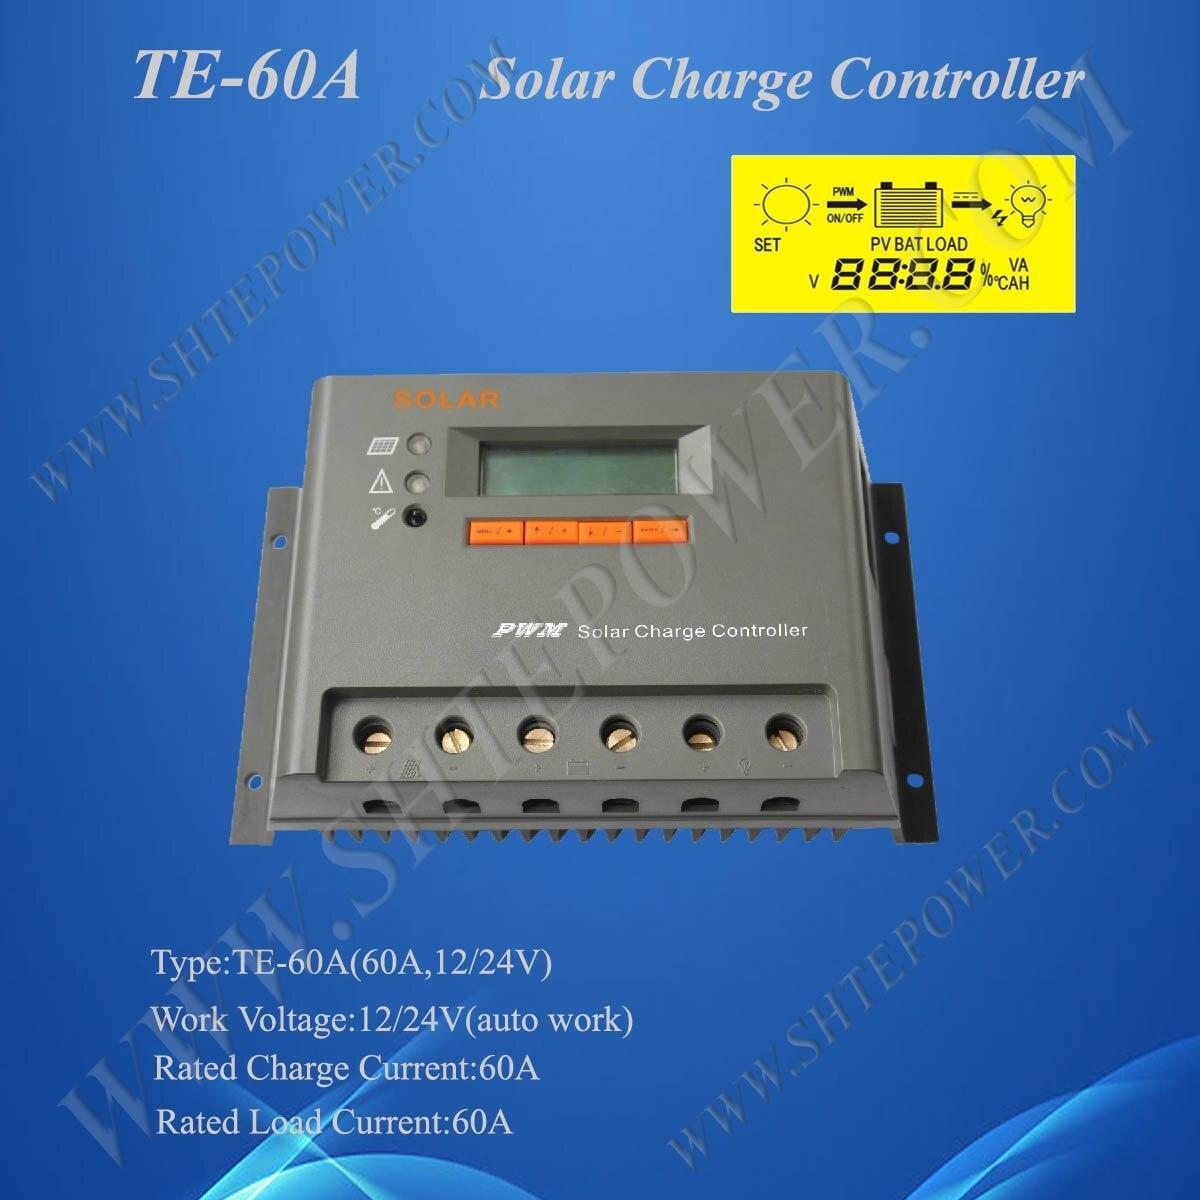 12 В/24 В автоматическая работа панели солнечных батарей регулятор напряжения контроллер 60A, 2 года гарантии, CE& ROHS утвержден